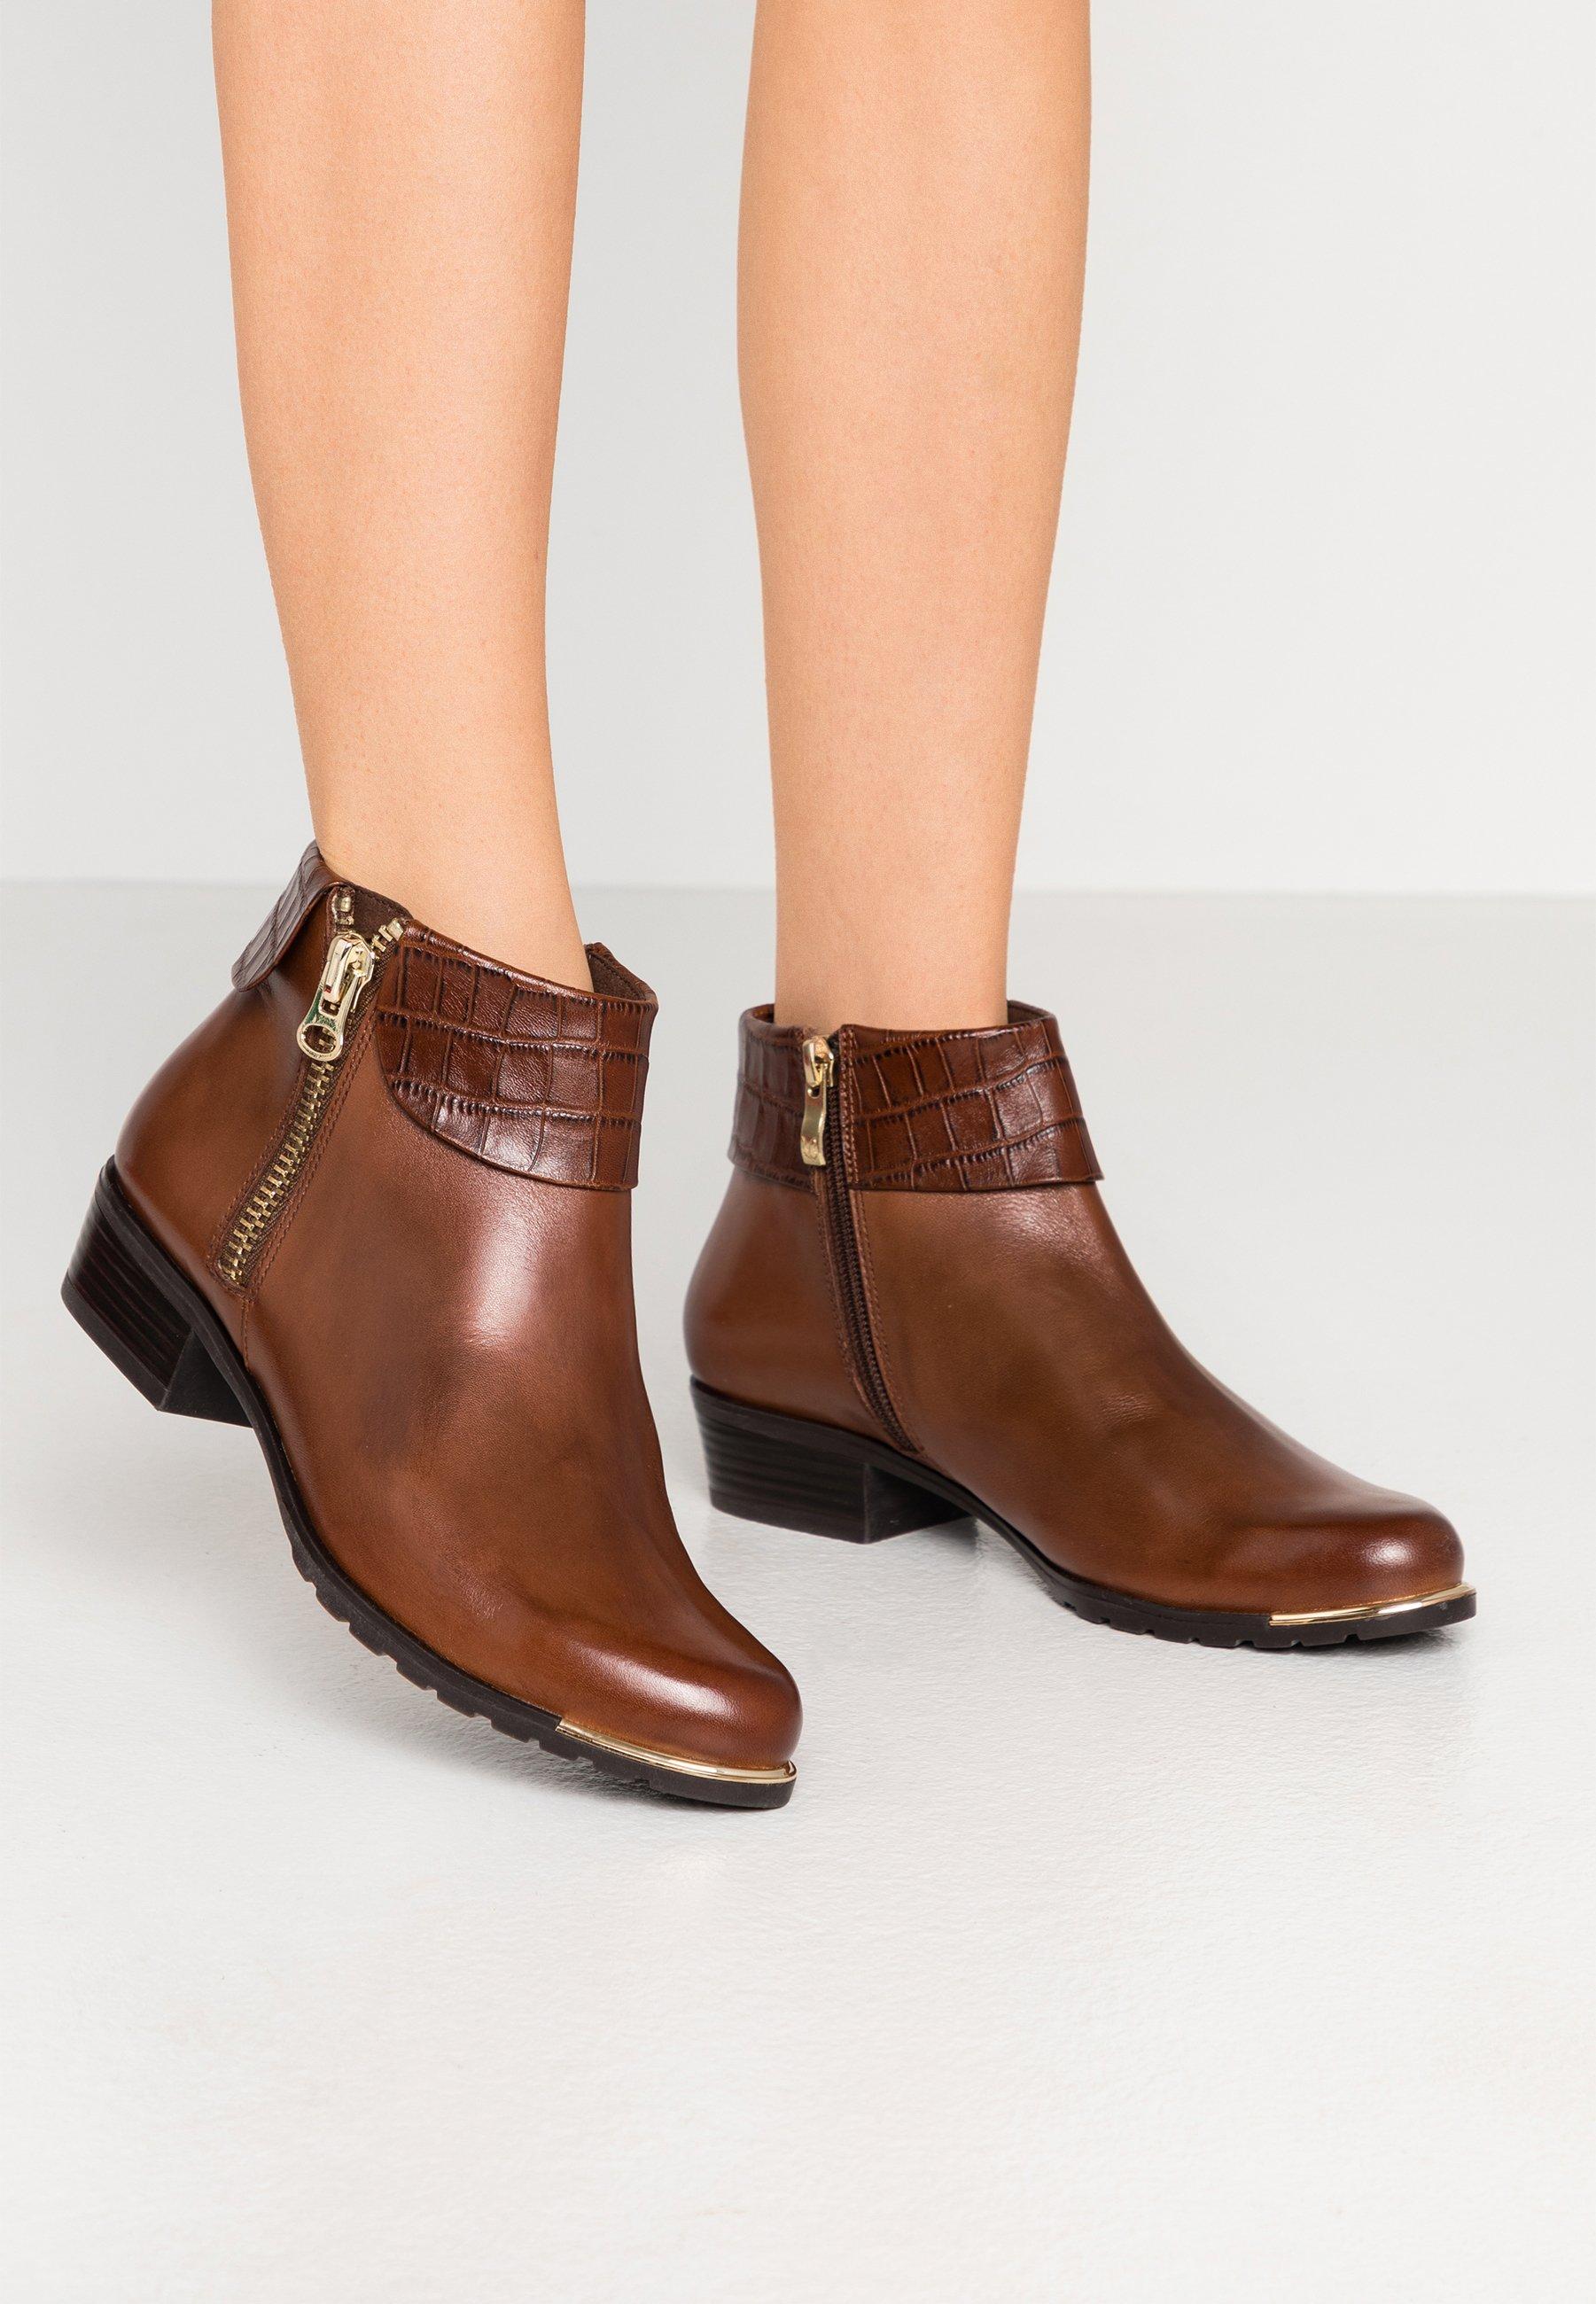 Caprice Ankle boots - cognac - Zalando